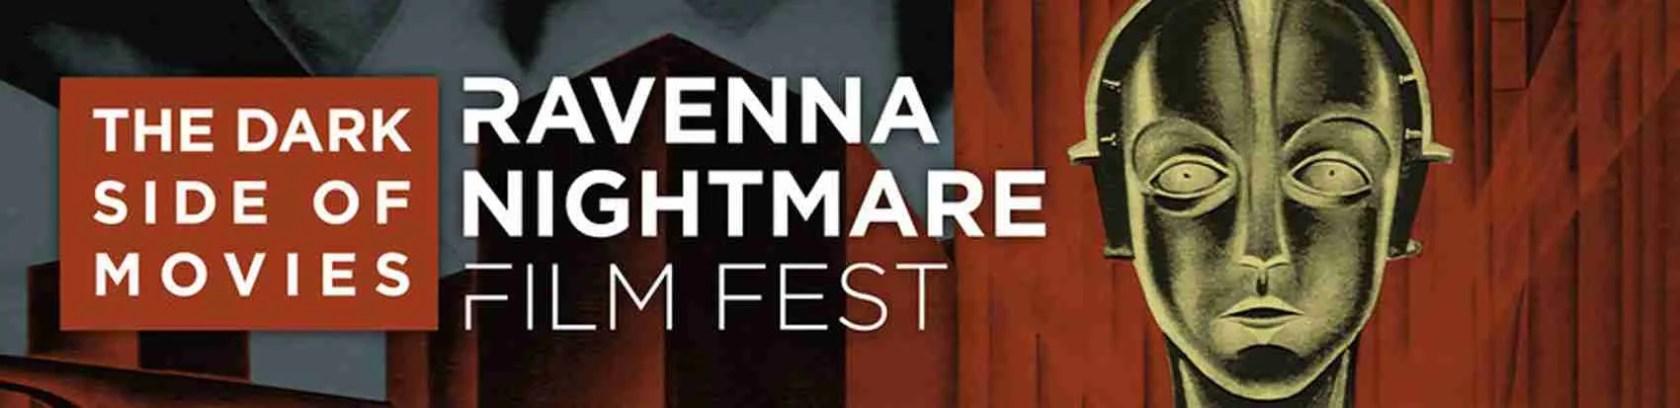 Le escort Ravenna amano la tensione che si respira al Ravenna Nightmare Film Fest. Magica Escort